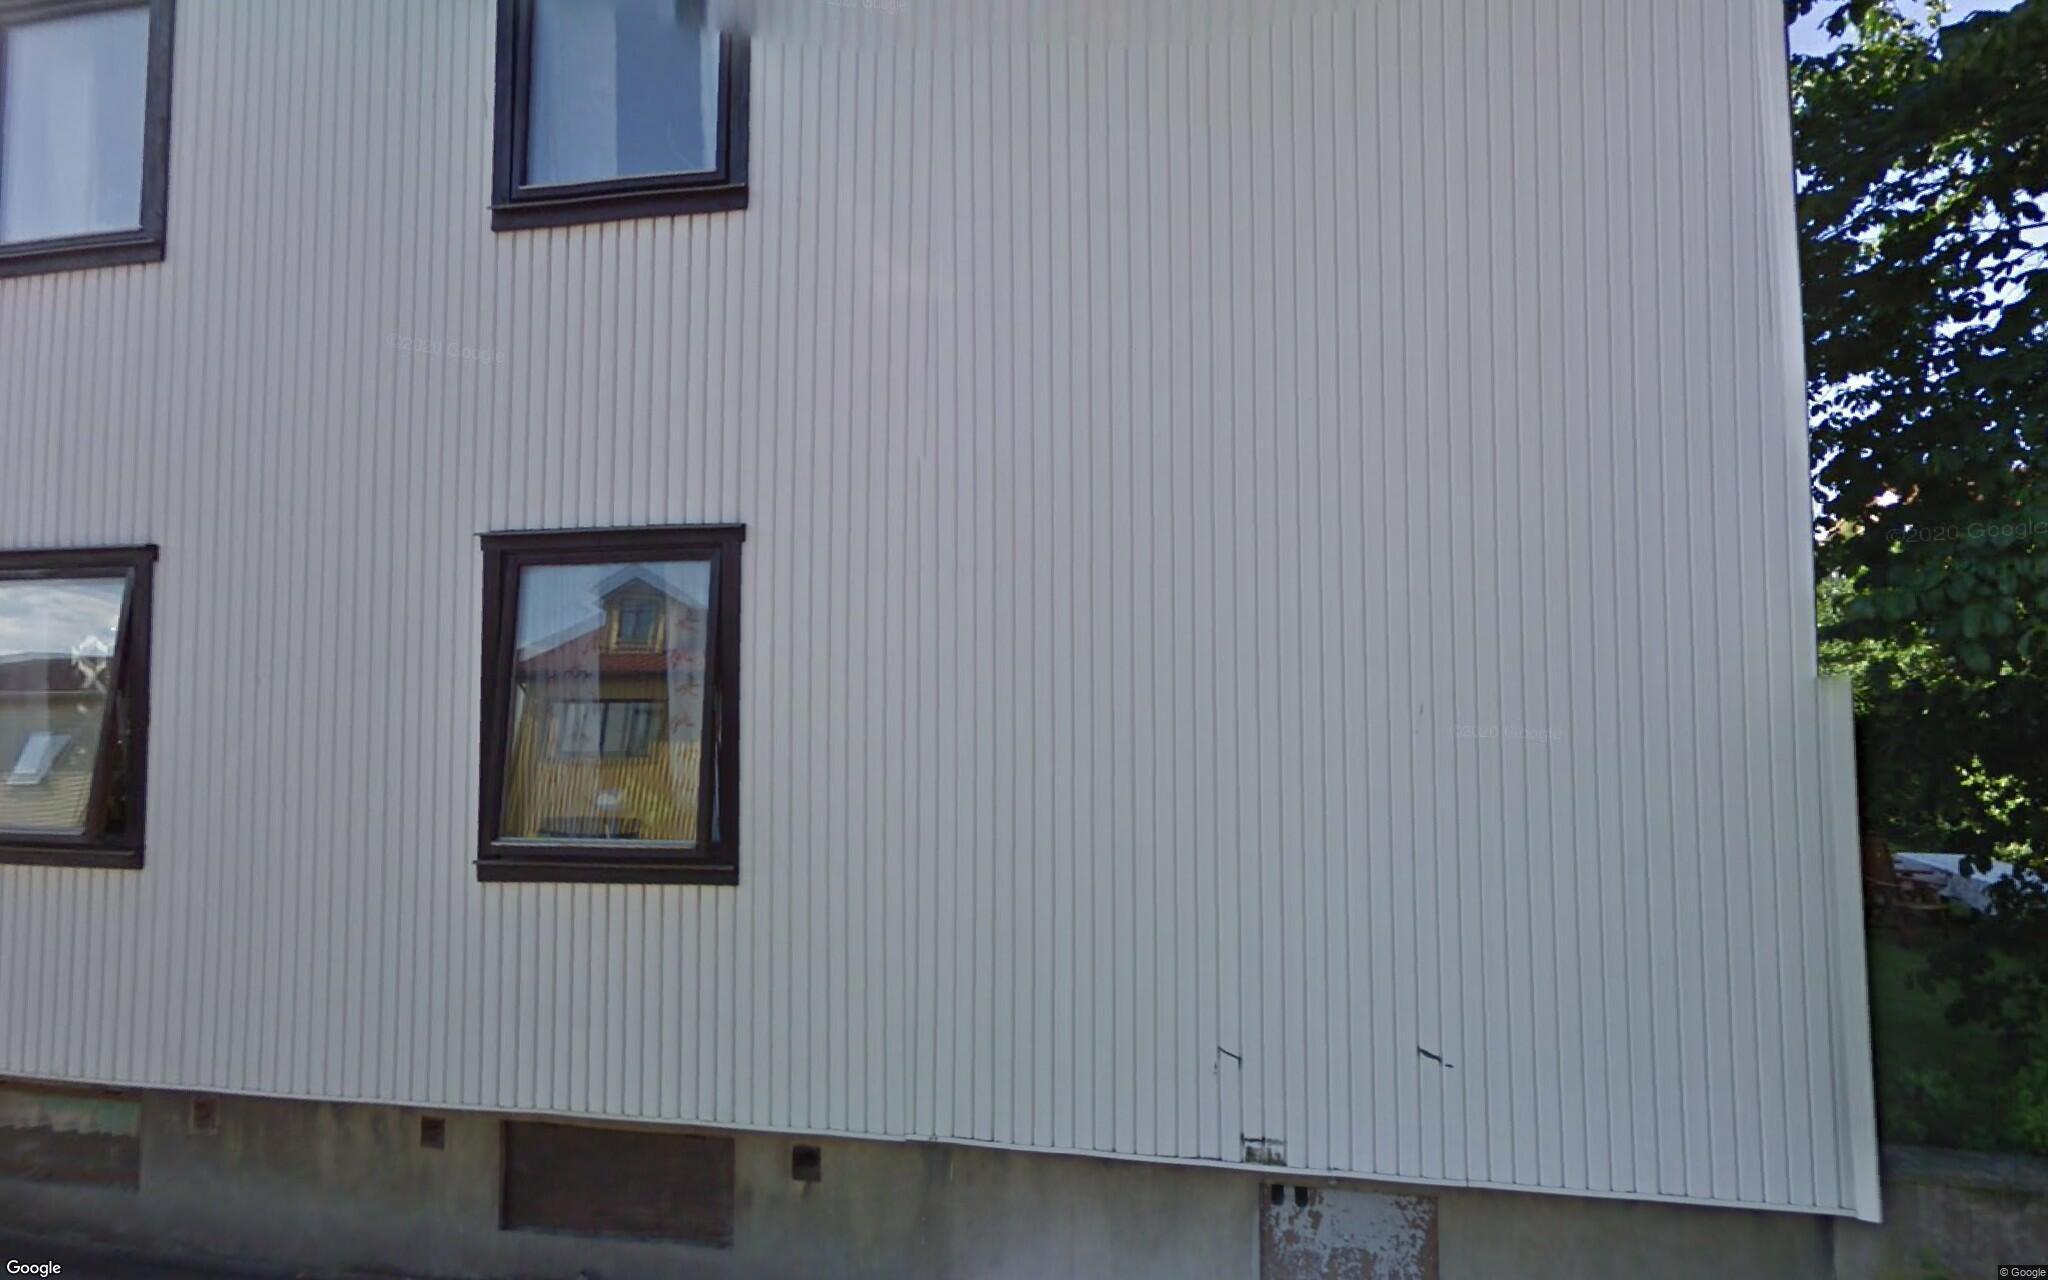 240 kvadratmeter stor villa i Varberg såld för 4 900 000 kronor